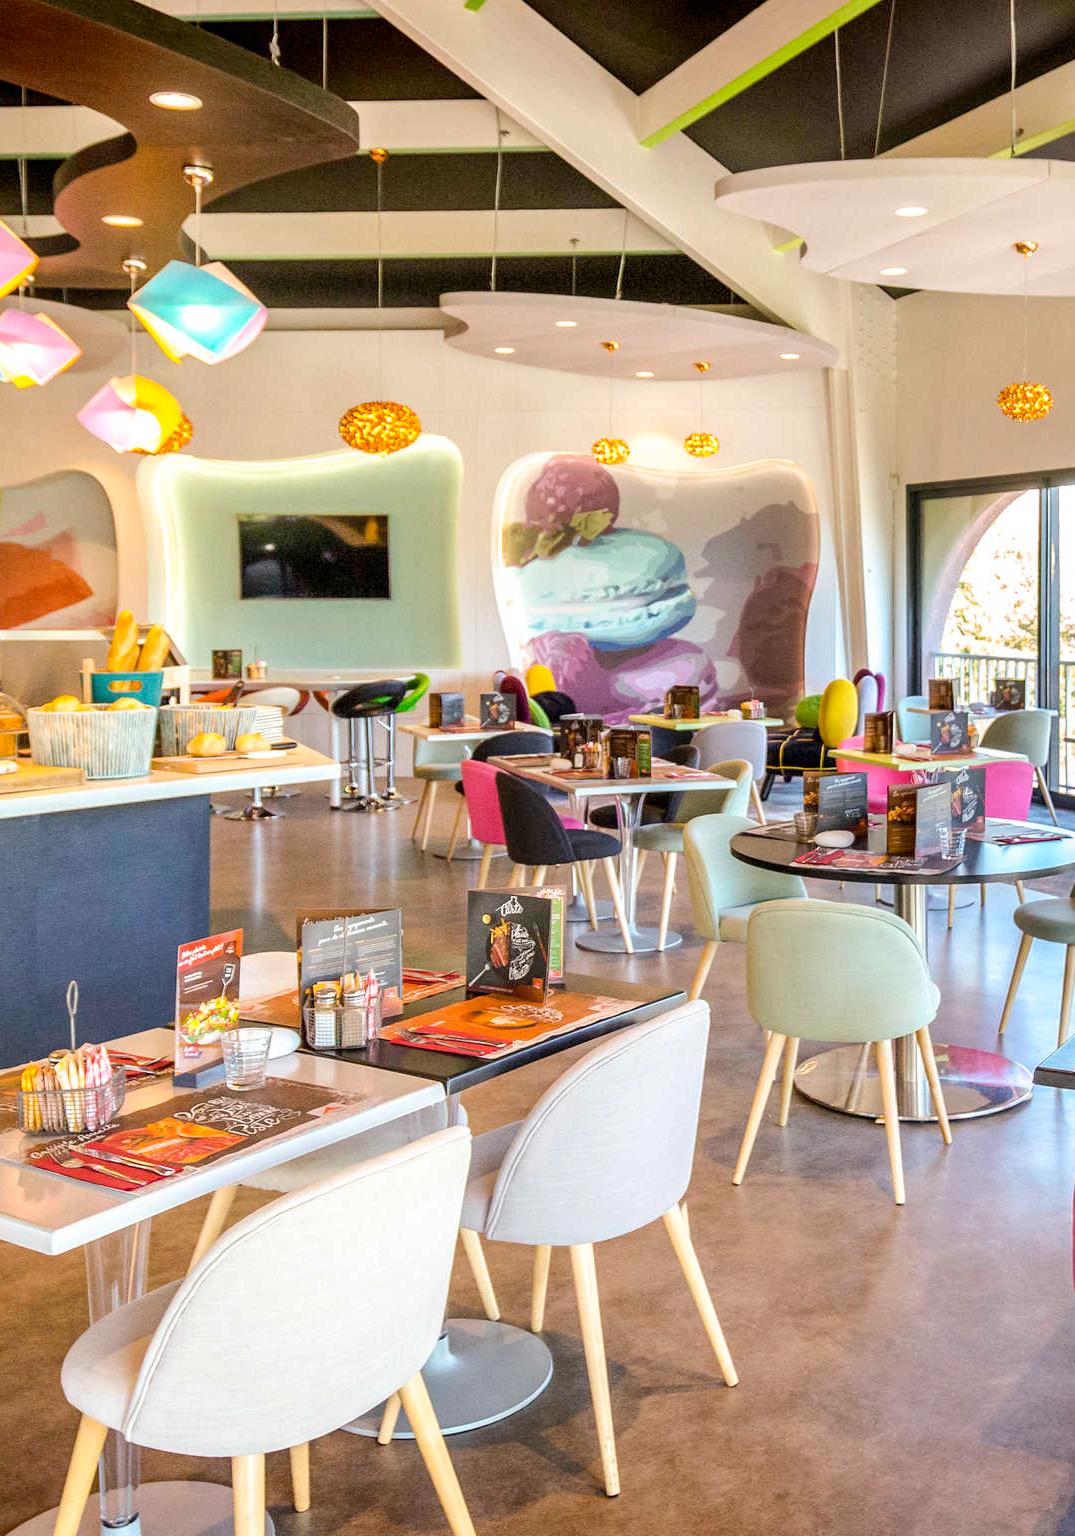 Agencement et décoration de l'espace petit déjeuner de l'hôtel Ibis de Fréjus